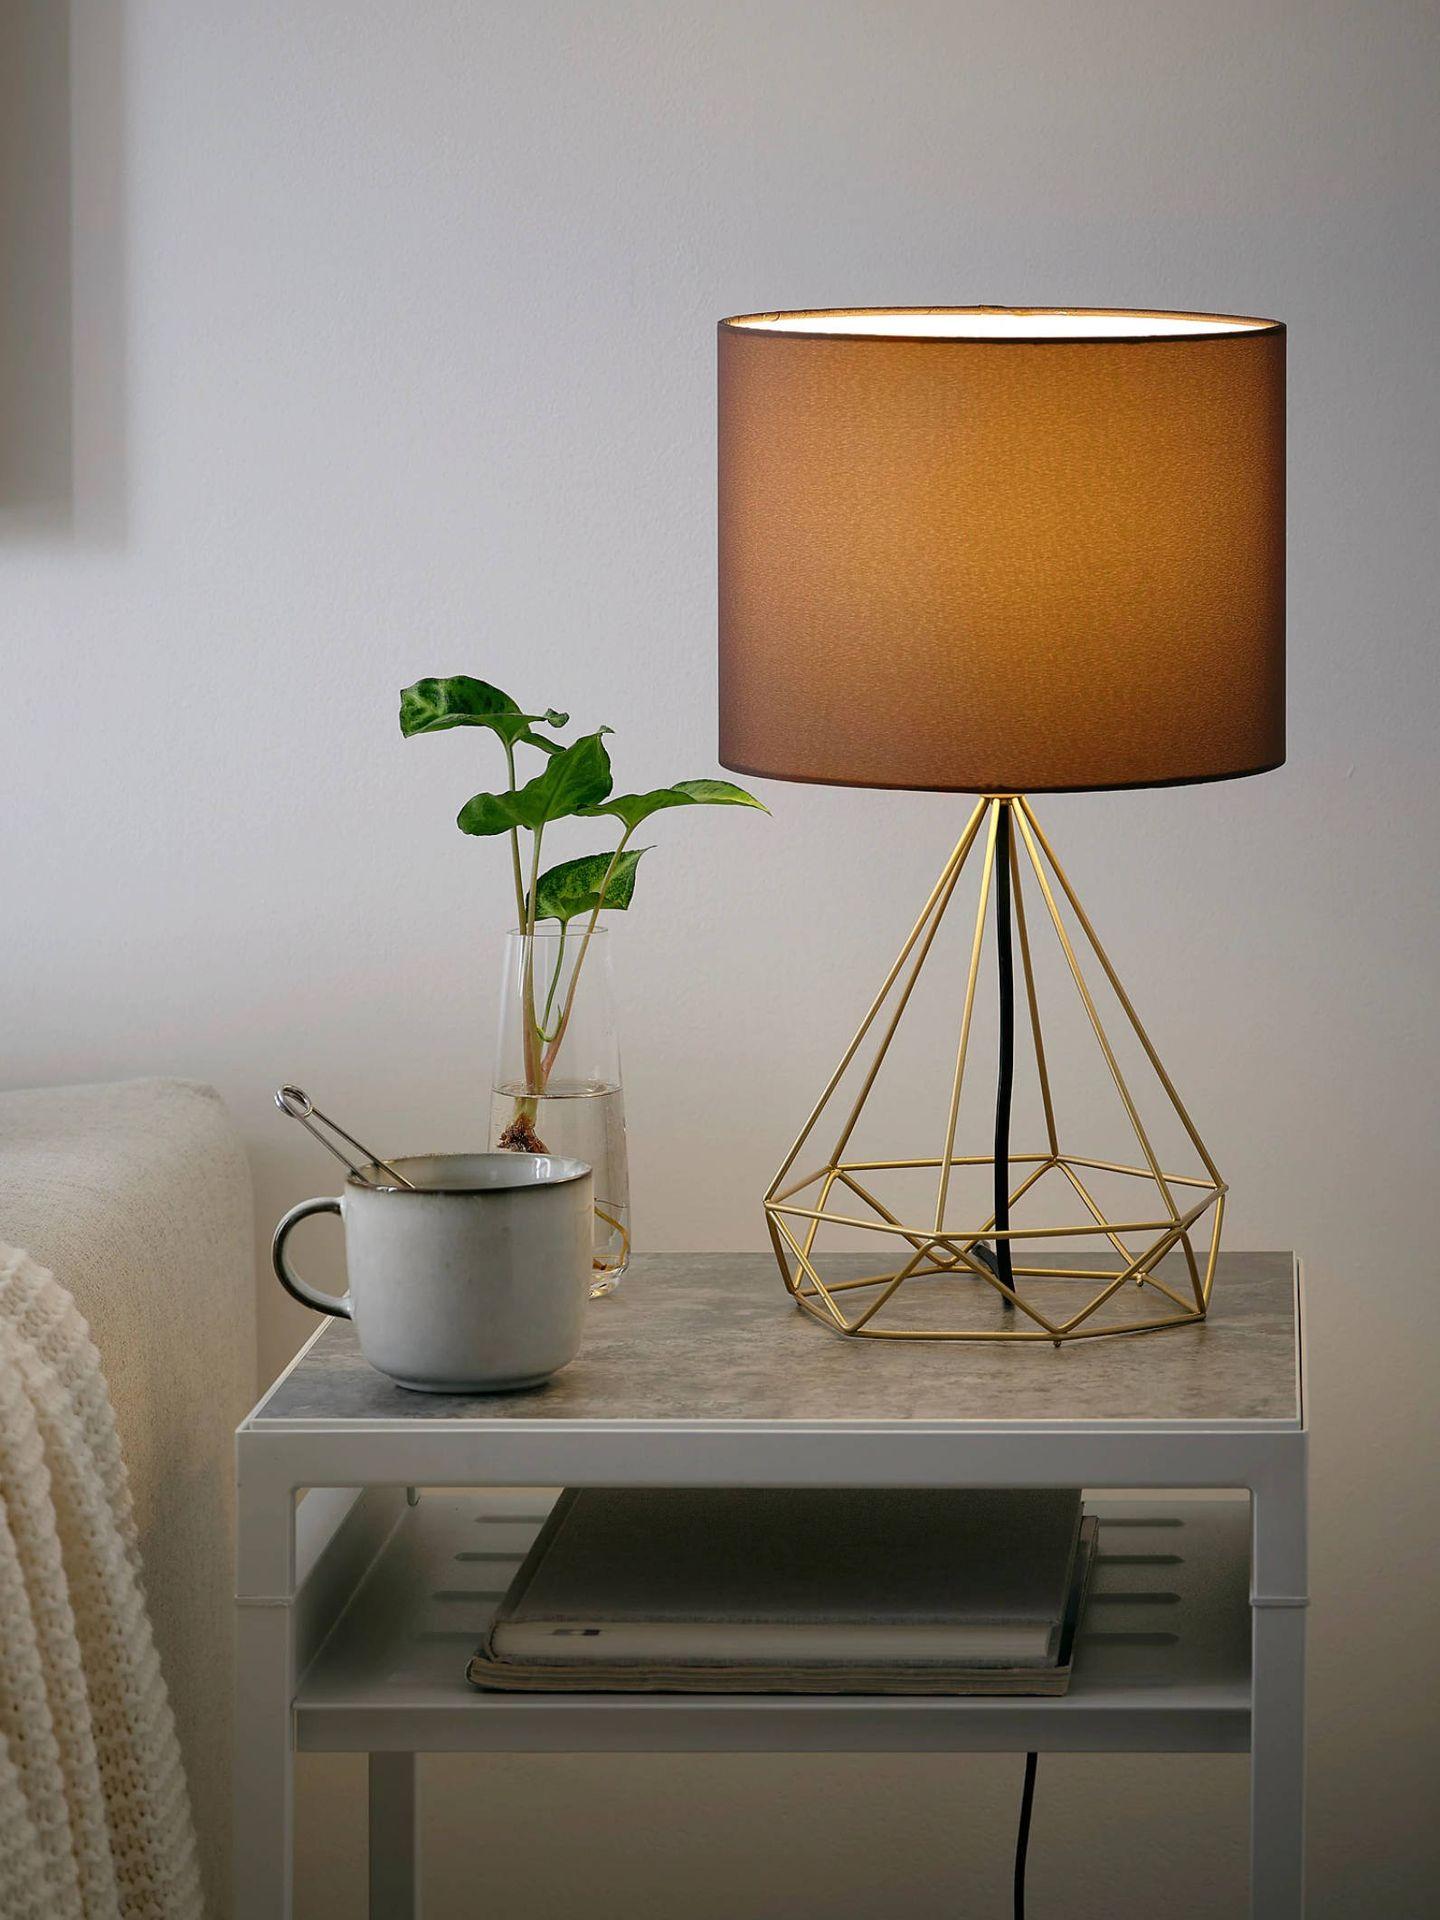 Lámparas estilosas y por menos de 20 euros como esta de Ikea. (Cortesía)